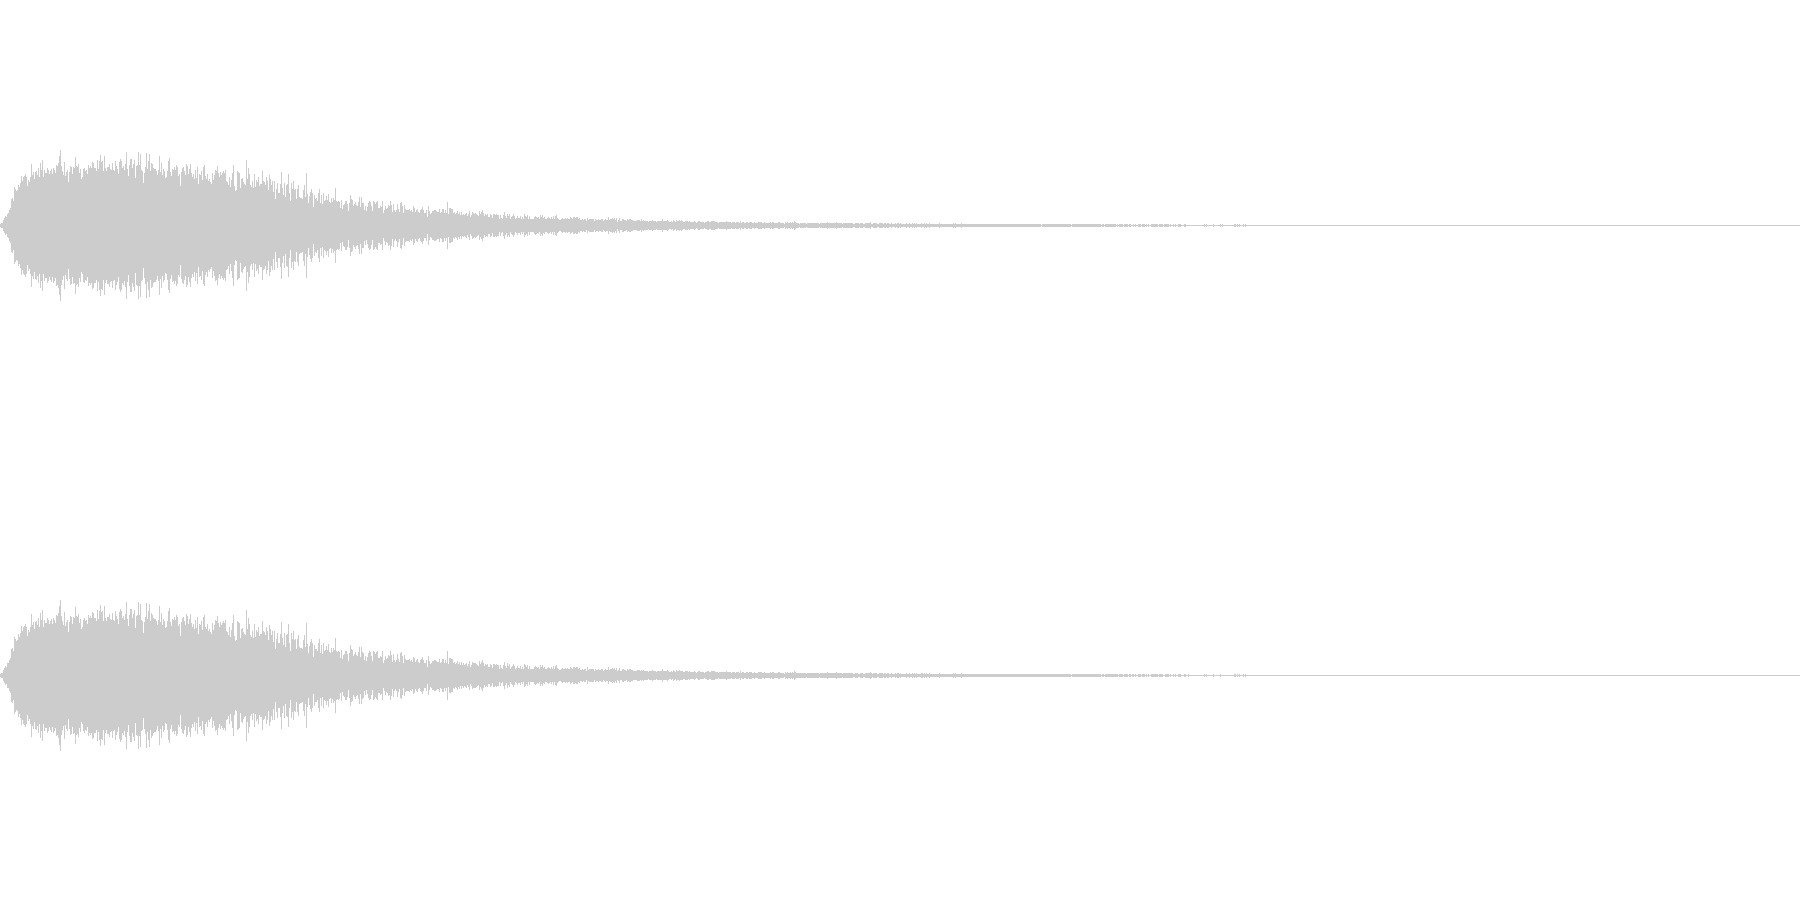 シュー(空気、蒸気、ガス)その4の未再生の波形